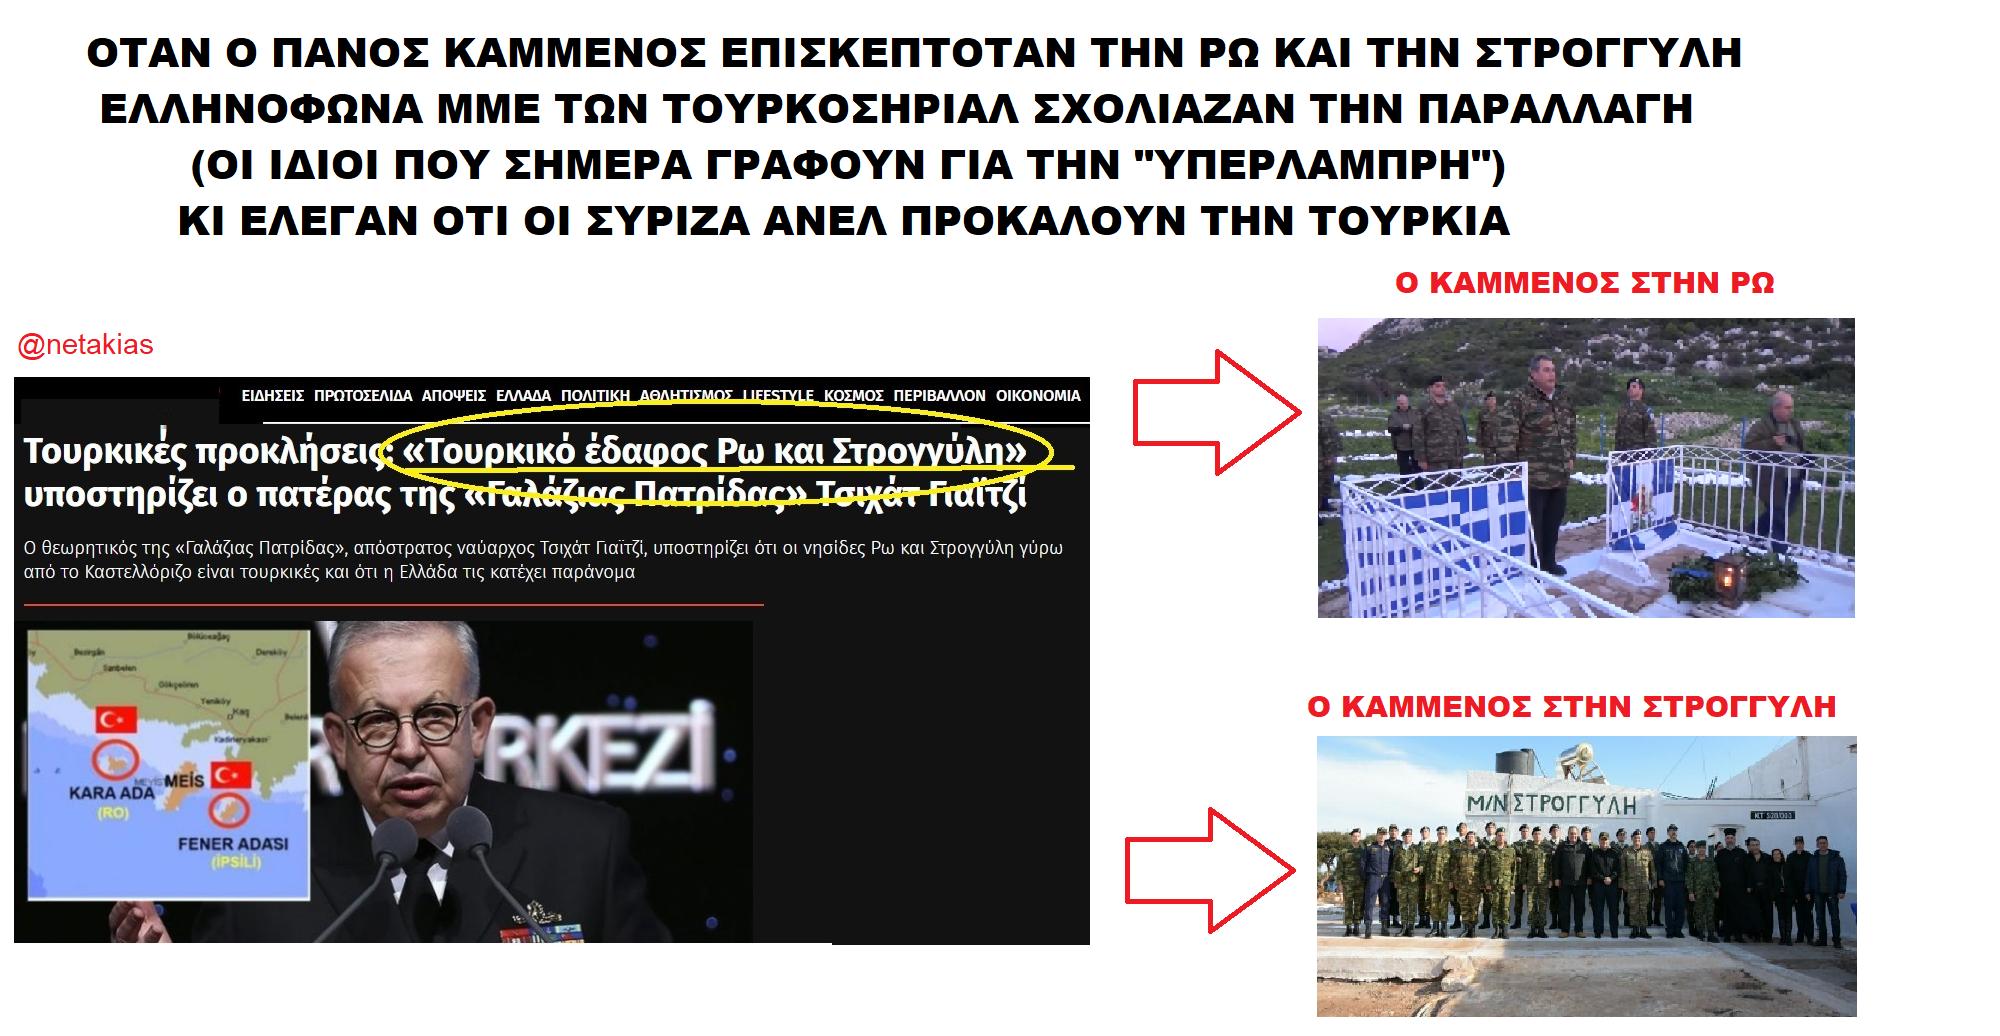 """Όταν ο Πάνος Καμμένος επισκεπτόταν Ρω και Στρογγύλη κάποιοι ελληνόφωνοι ειρωνεύονταν το μπουφάν παραλλαγής κι έλεγαν """"πιστεύουμε τον Ερντογάν κι όχι τον Τσίπρα"""" και """"προκαλεί την Τουρκία"""""""